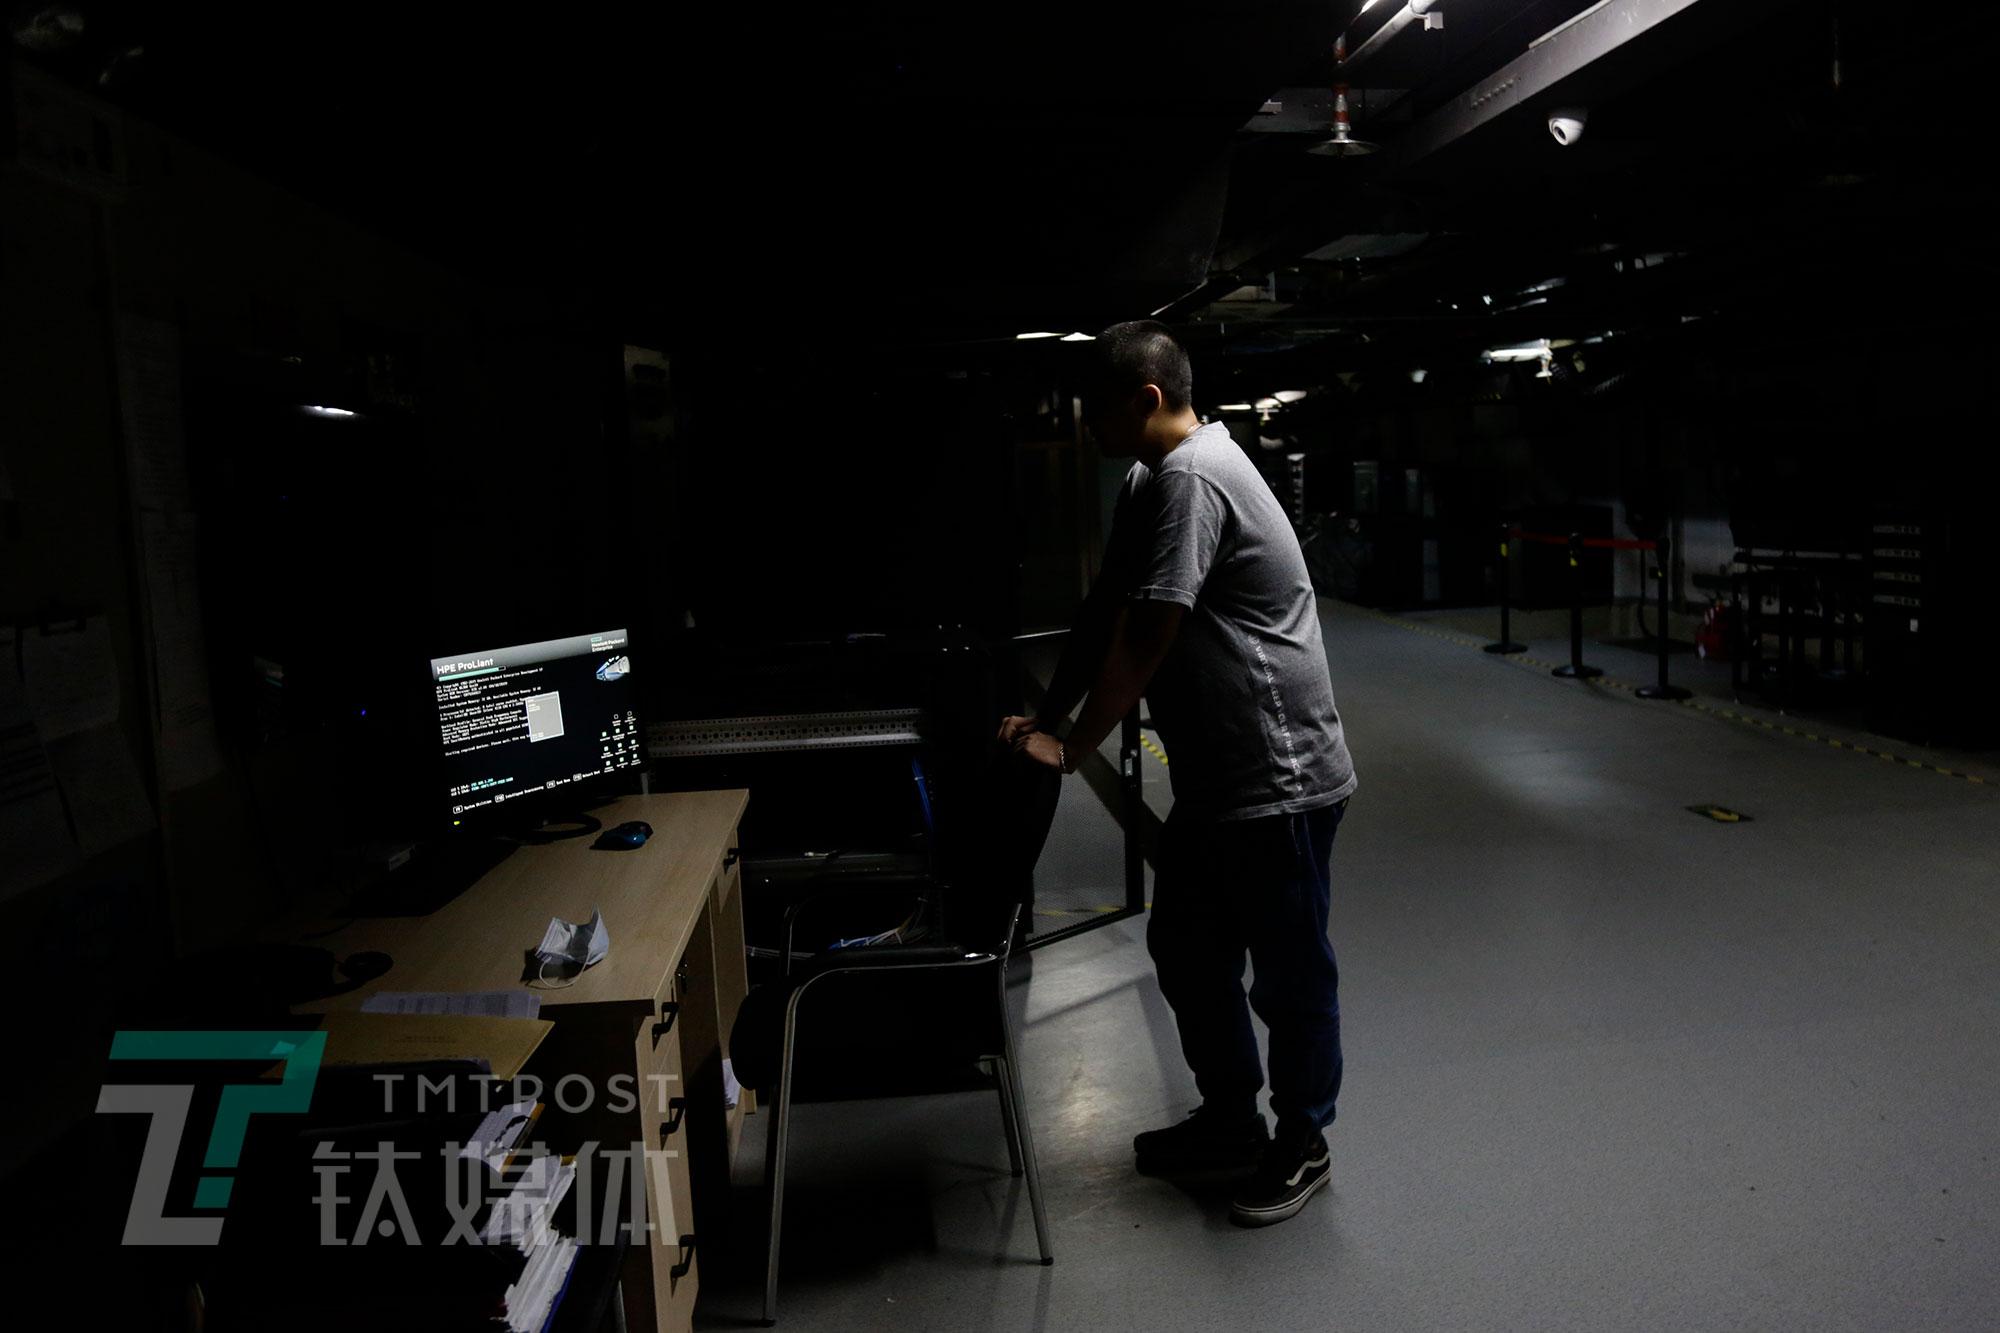 5月8日,北京,首都电影院放映部员工在放映室准备试片。